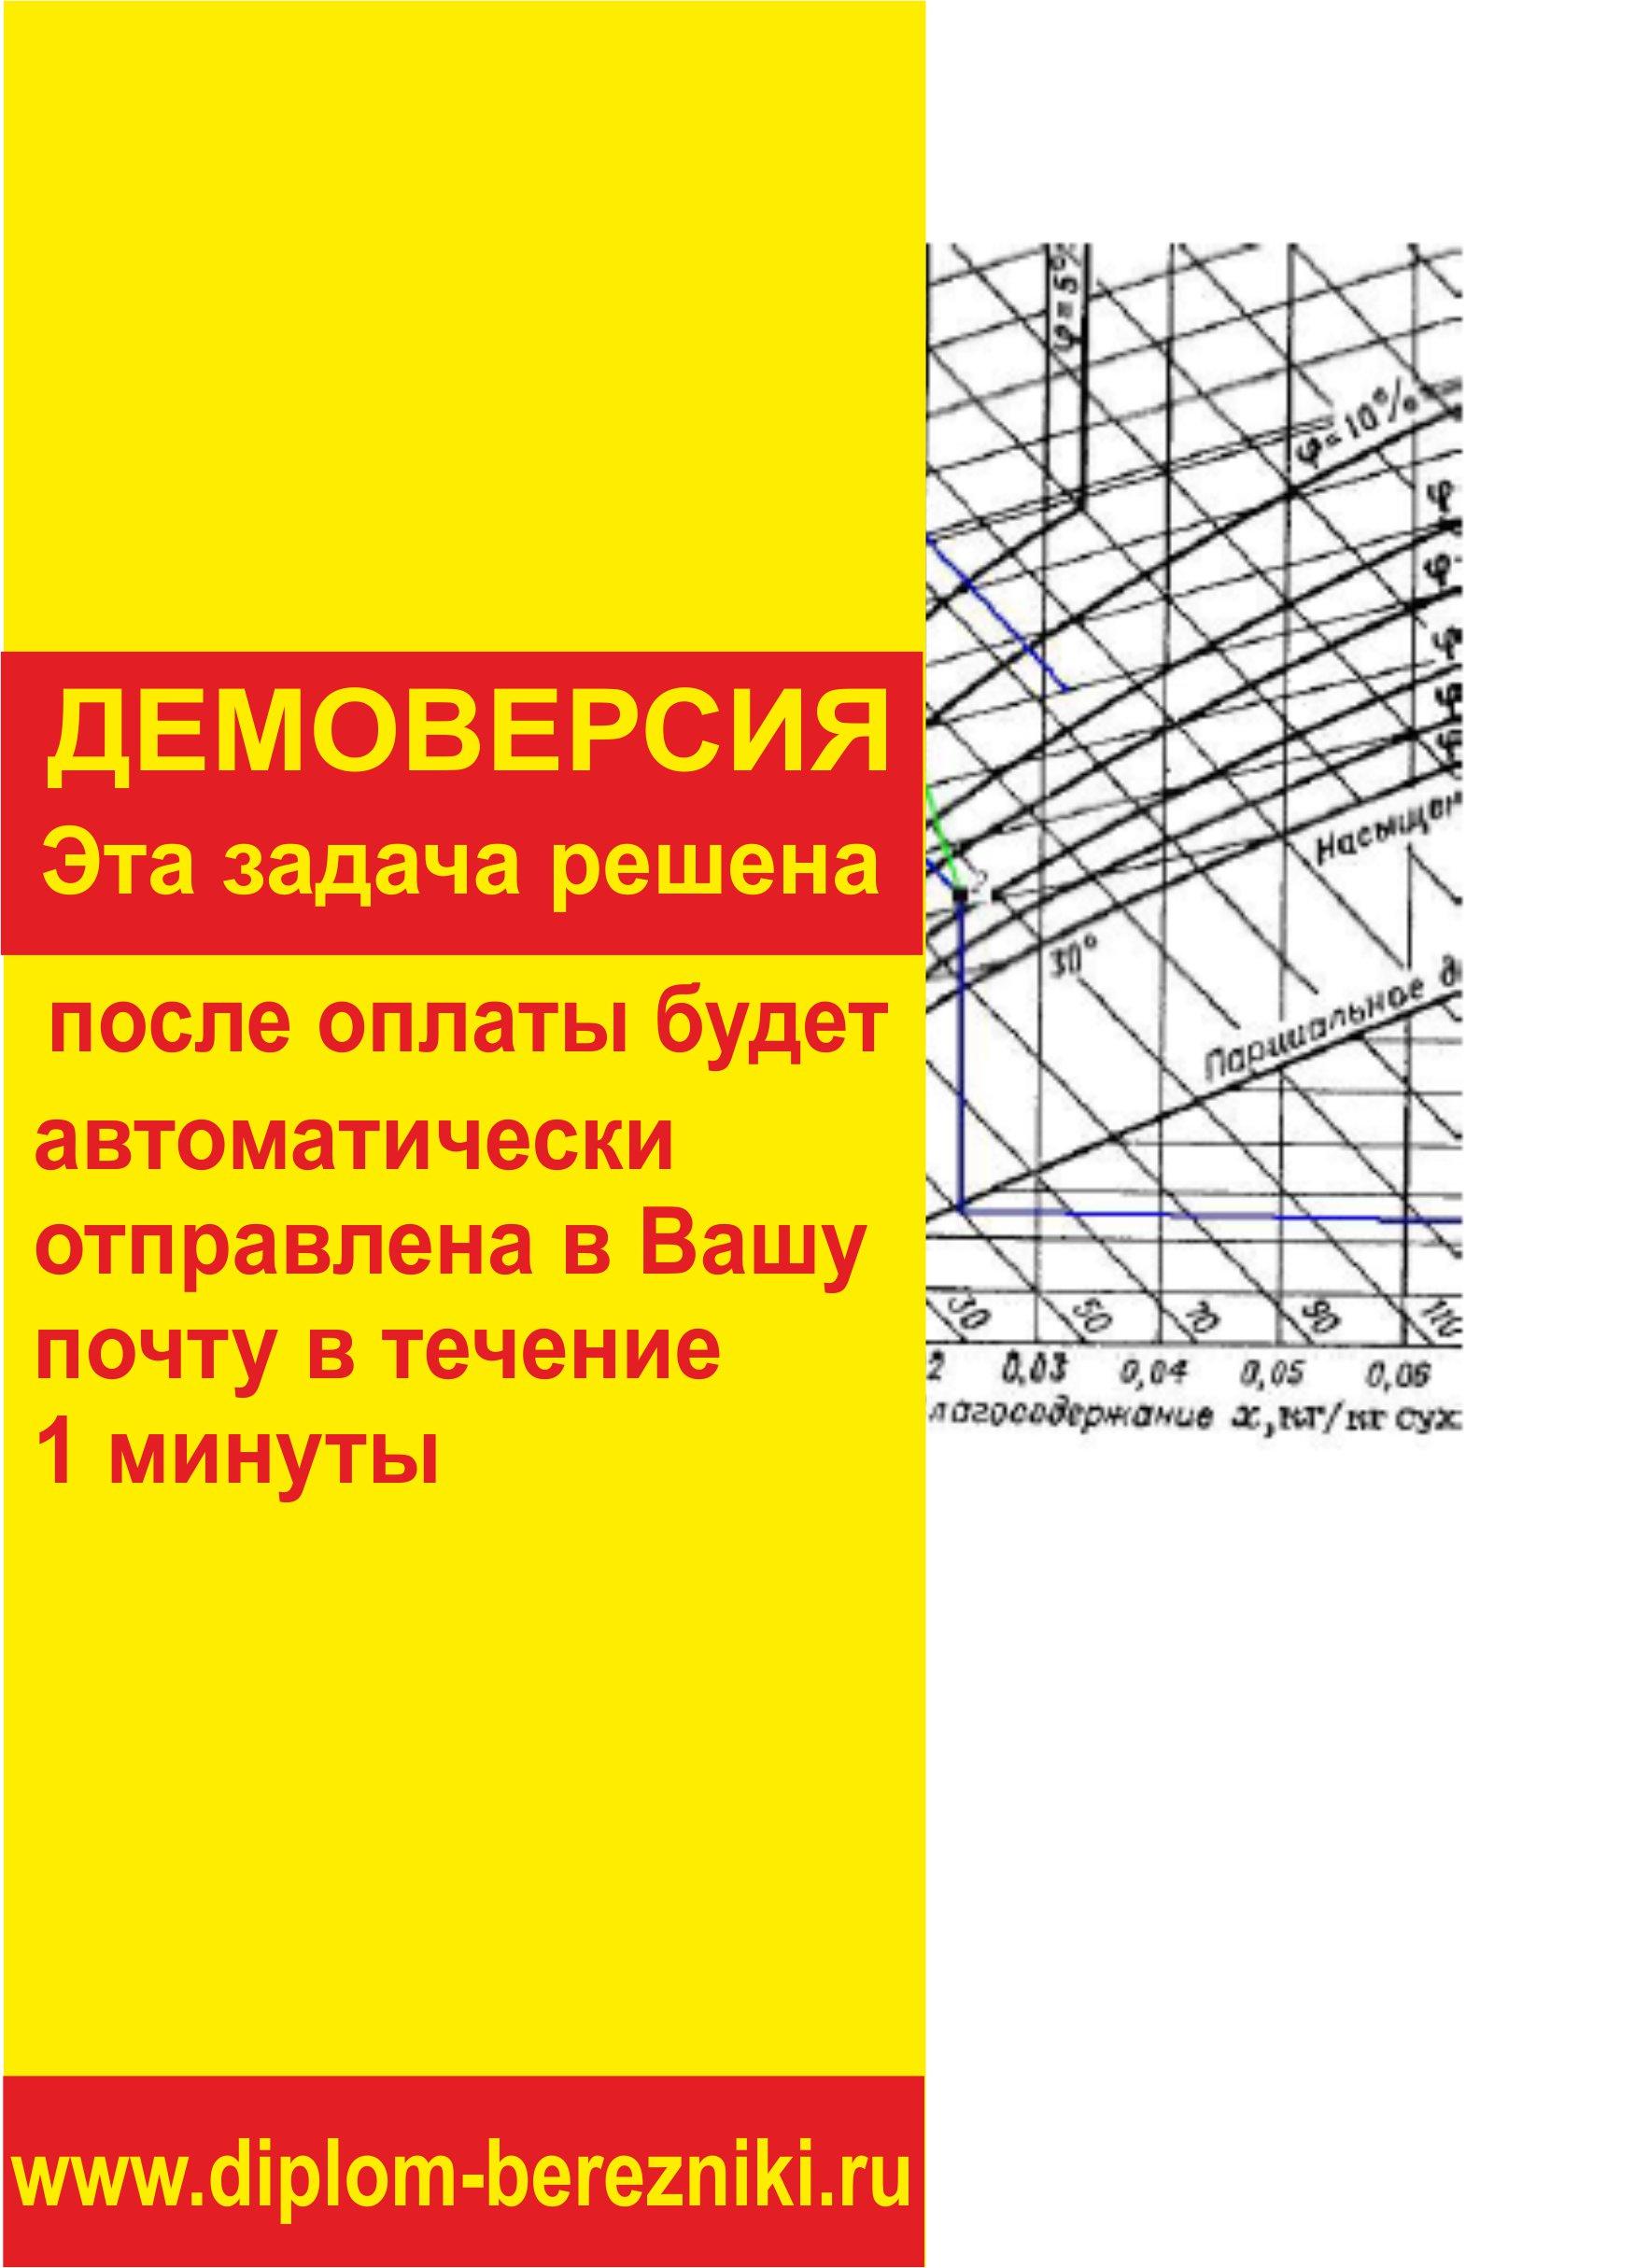 Решение задачи 10.29 по ПАХТ из задачника Павлова Романкова Носкова